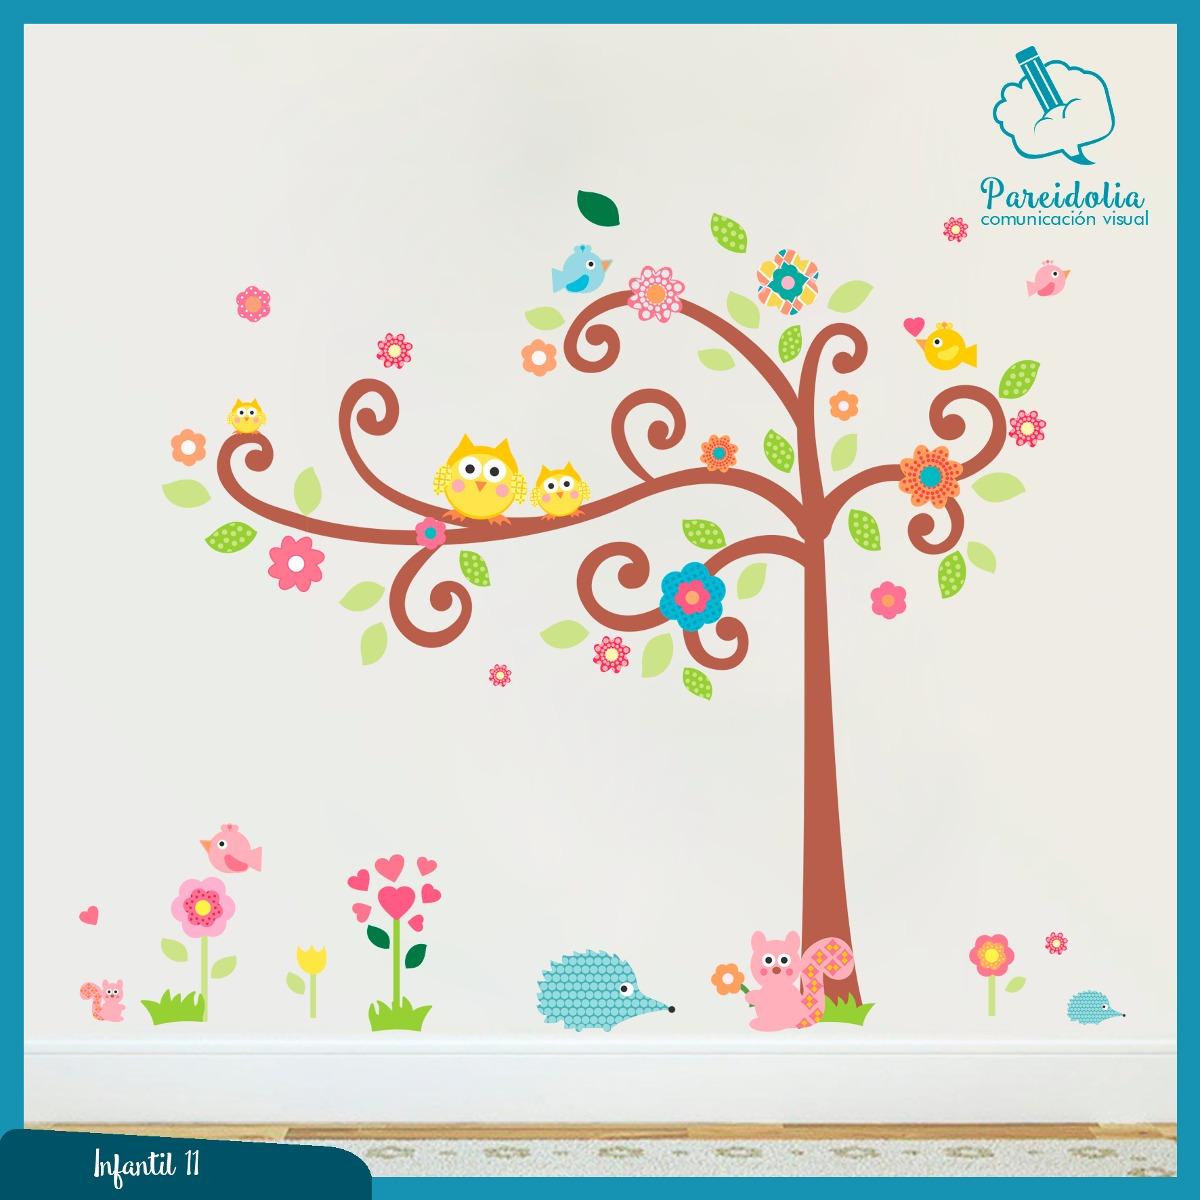 Vinilos decorativos adhesivos infantiles bebes for Adhesivos decorativos infantiles